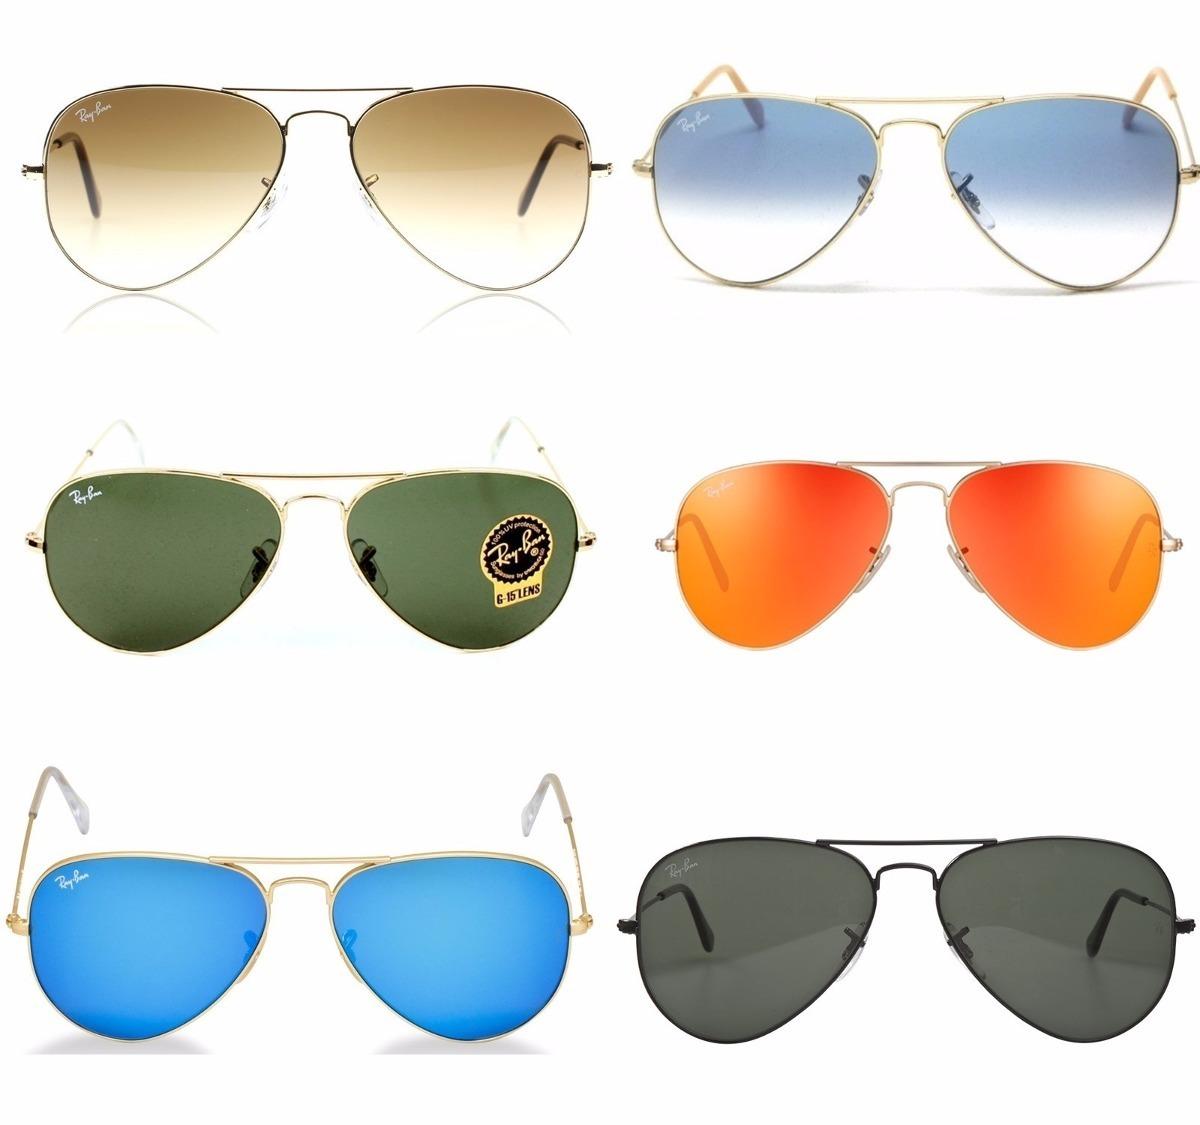 28622cccd3c57 óculos ray-ban rb3025 aviador original masculino feminino. Carregando zoom.